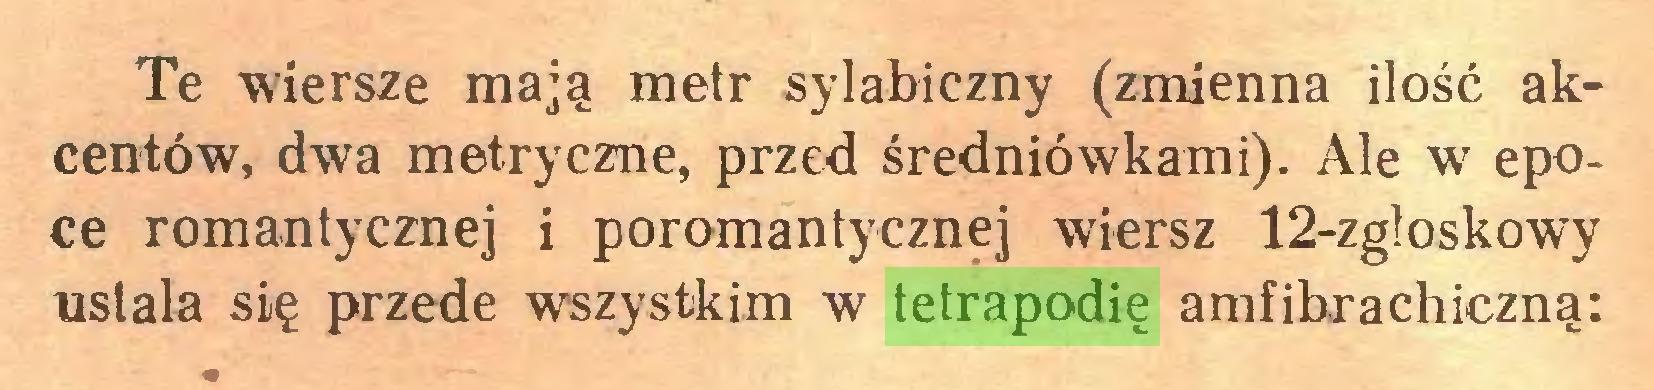 (...) Te wiersze mają metr sylabiczny (zmienna ilość akcentów, dwa metryczne, przed średniówkami). Ale w epoce romantycznej i poromantycznej wiersz 12-zgloskowy usiała się przede wszystkim w tetrapodię amfibrachiczną:...